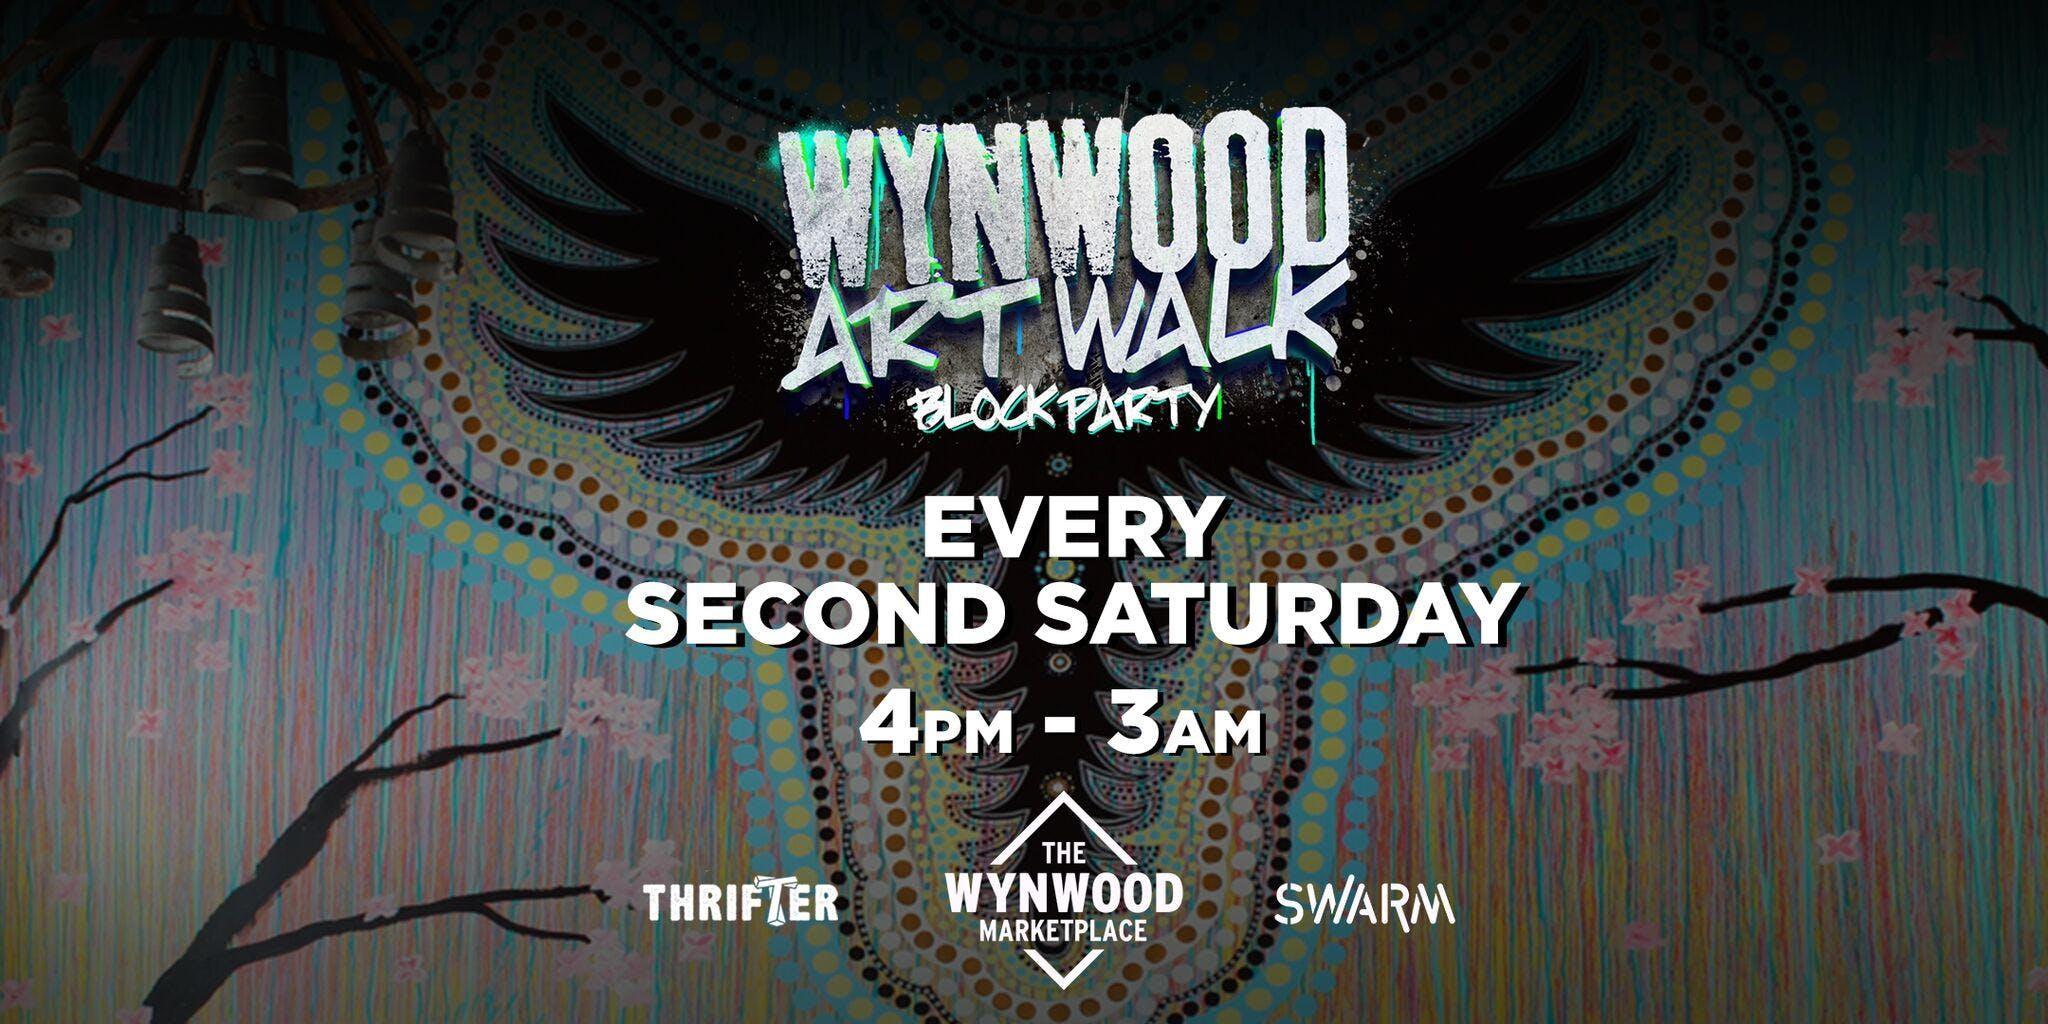 wynwood art walk samedi que faire dans le quartier de wynwood street art cafe galeries insolite visites guidées en français de miami blog miami off road